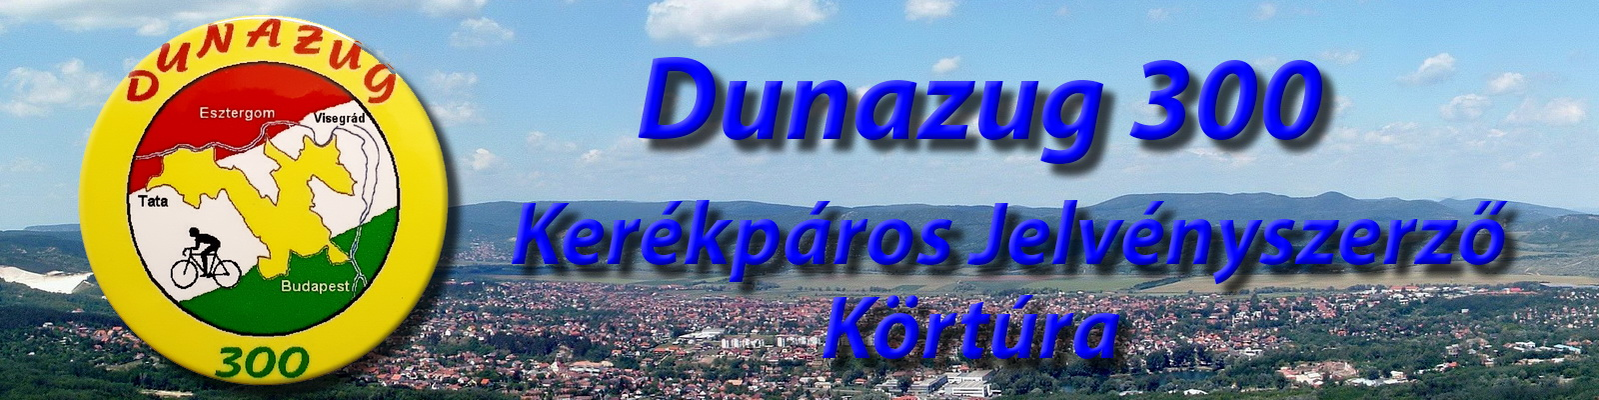 Dunazug 300 Kerékpáros Jelvényszerző Körtúra